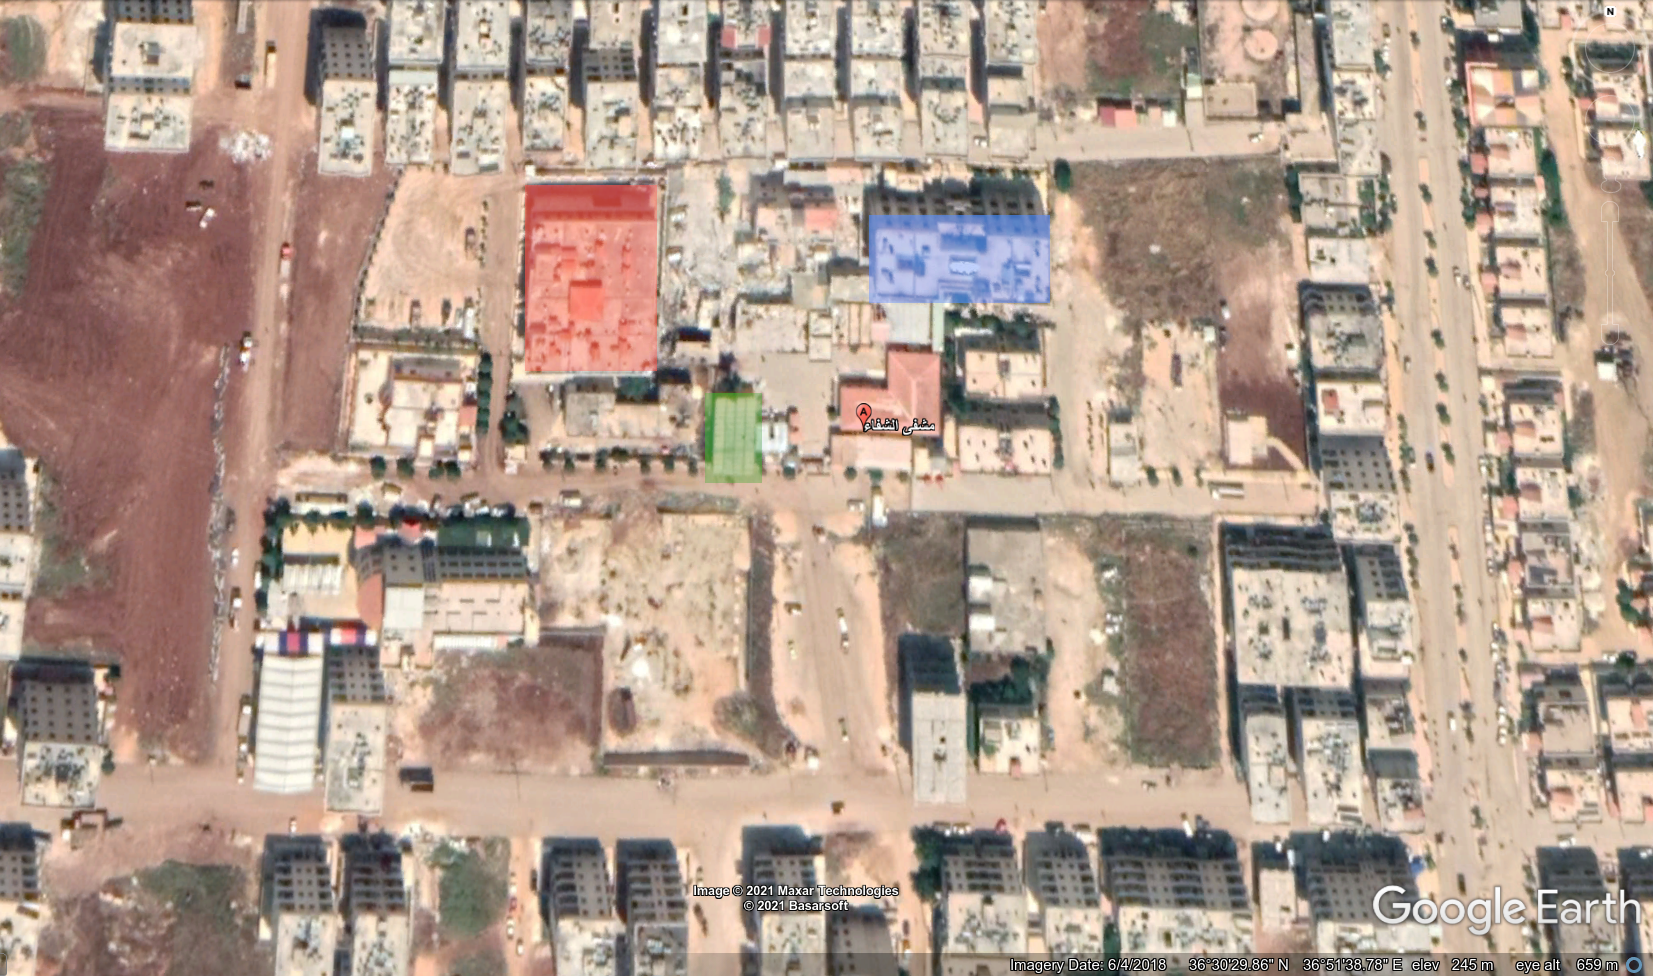 خريطة من غوغل إيرث تظهر مواقع الشرطة المدنية (بالأحمر) وفرع الأمن السياسي (بالأخضر) ومحكمة عفرين (بالأزرق) بالقرب من مشفى الشفاء المحدّد بالعلامة الحمراء